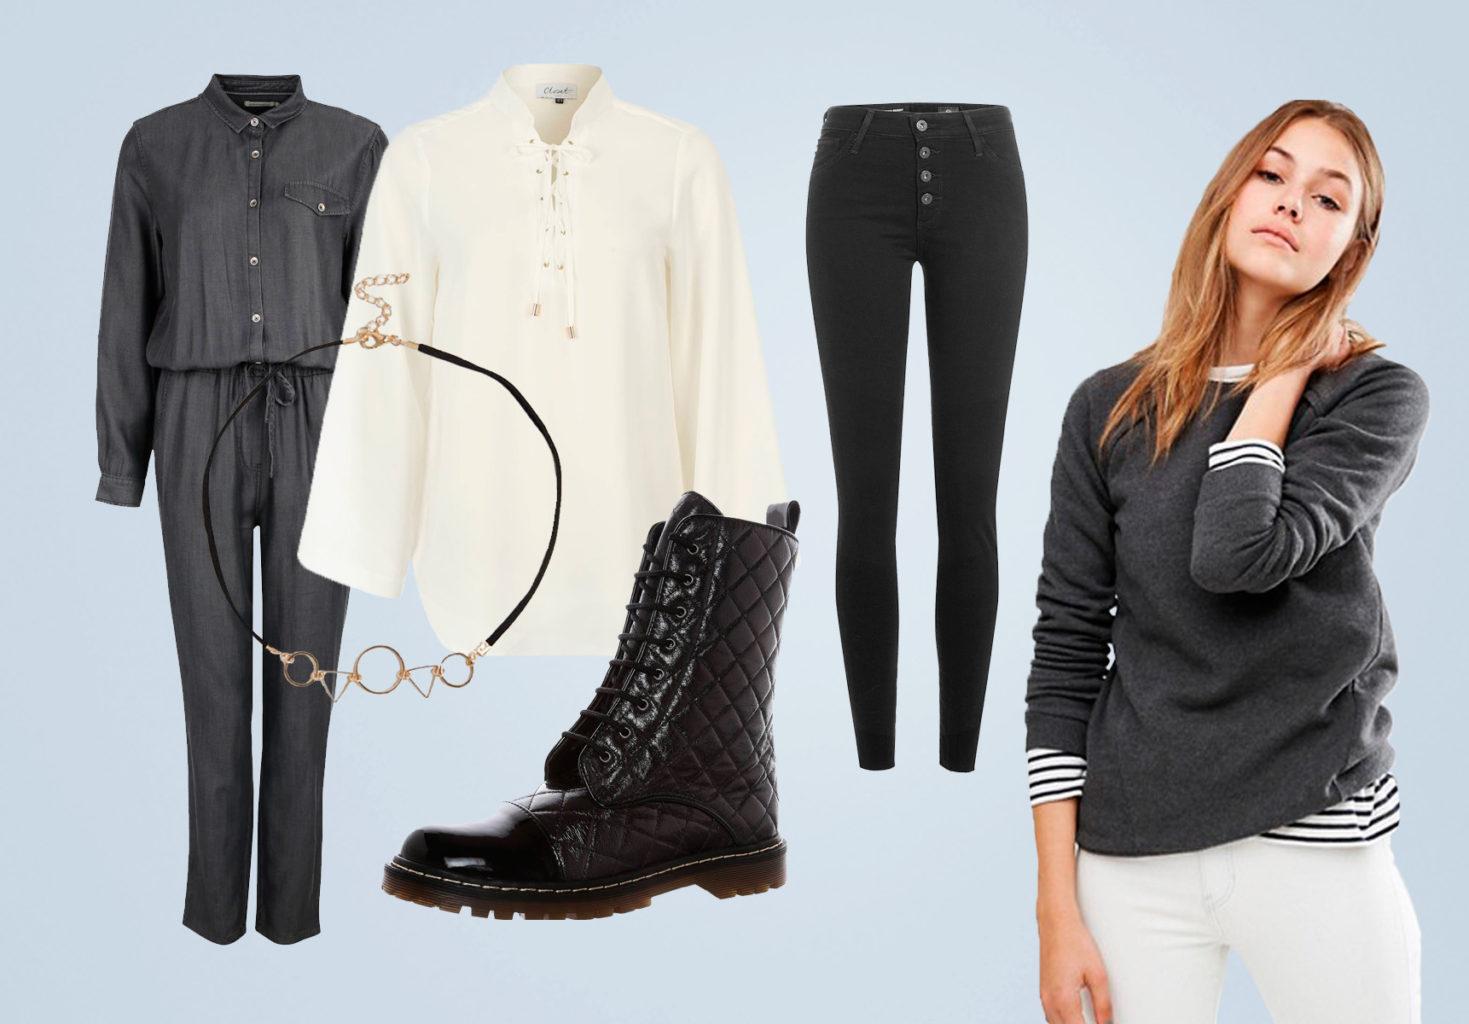 glamour-shopping-week-fair-fashion-rabatte-slow-fashion-gutscheine-mode-collage